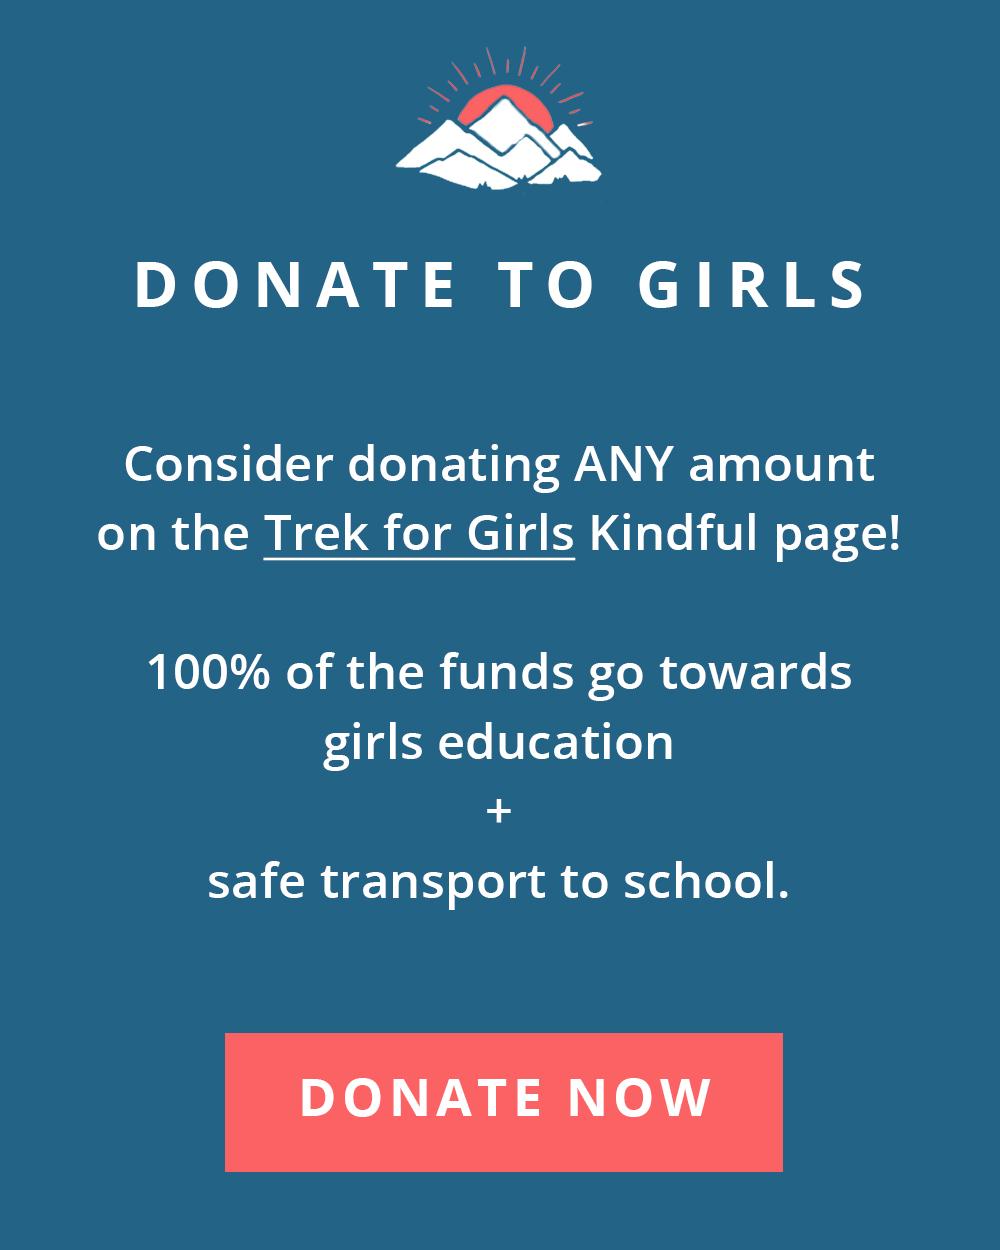 DONATE-TO-GIRLS.jpg